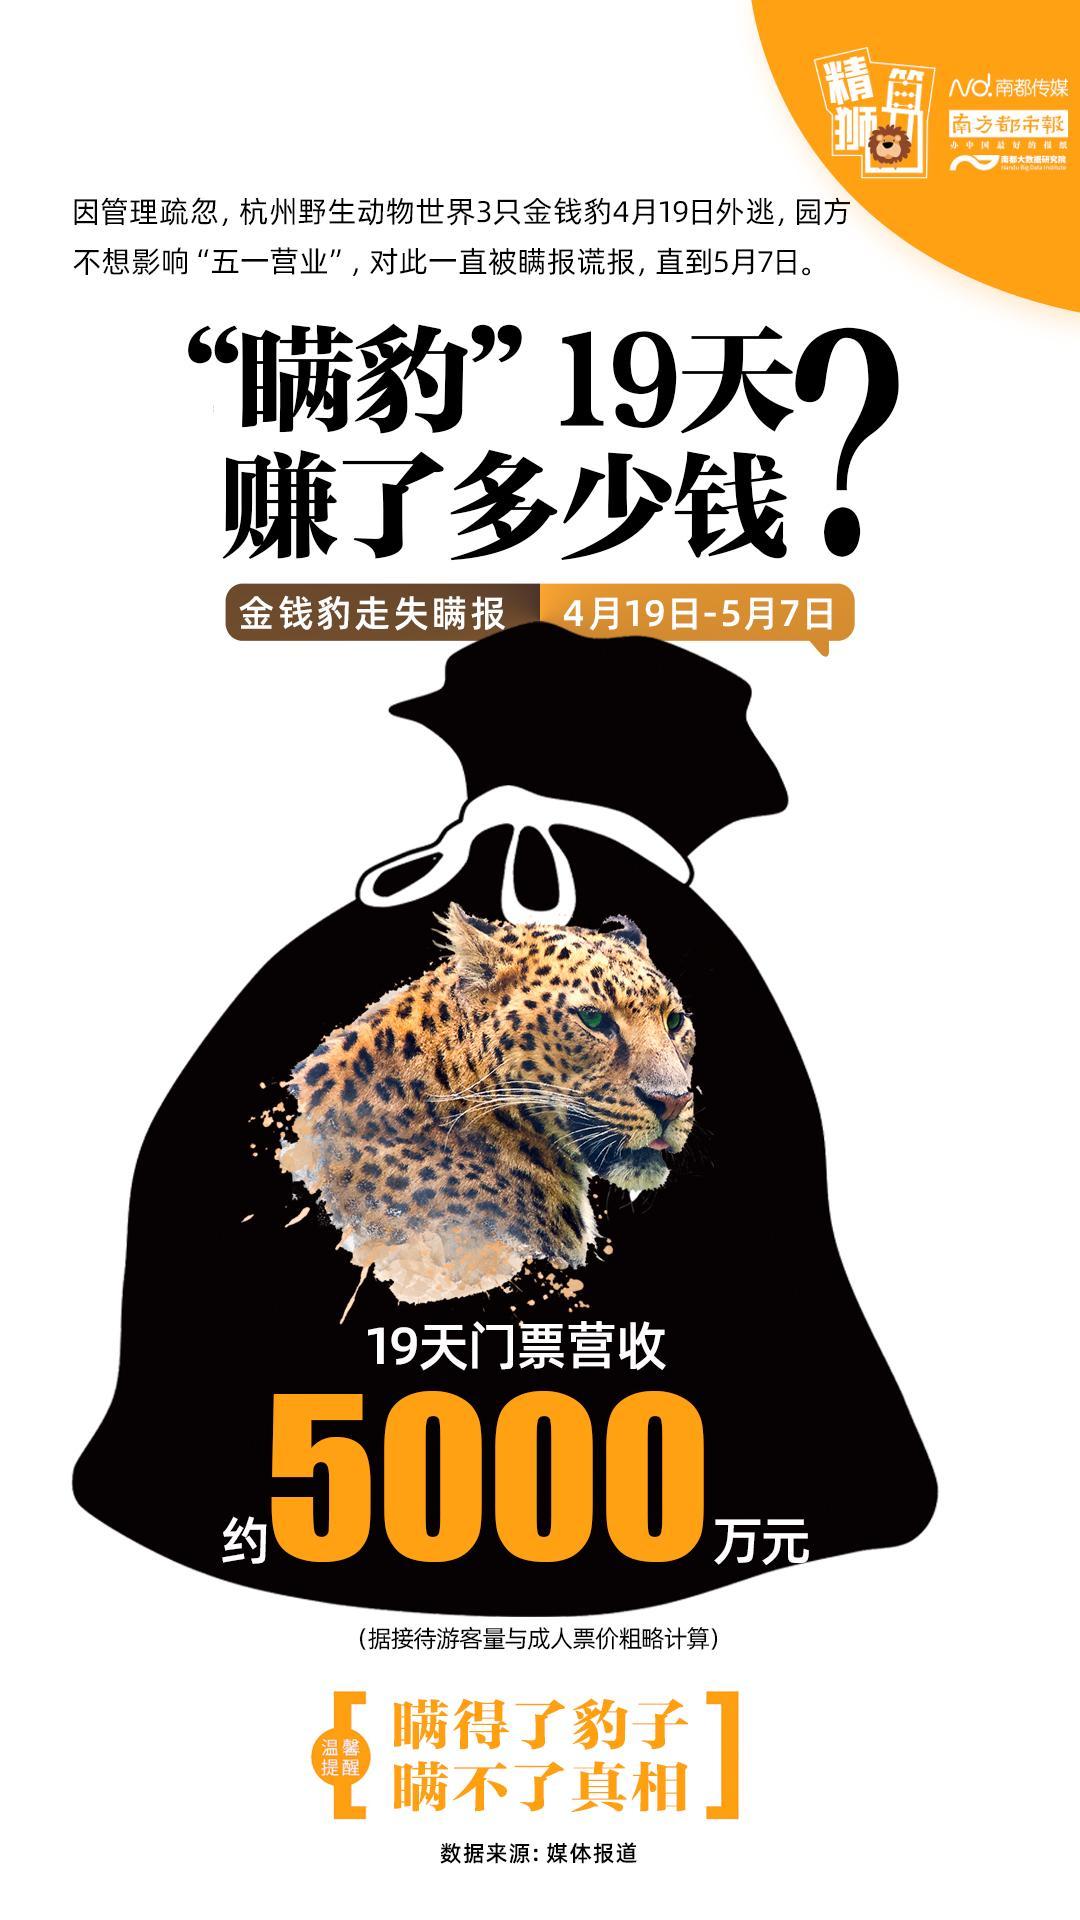 """""""瞒豹""""19天,杭州野生动物世界赚了约5000万元?"""